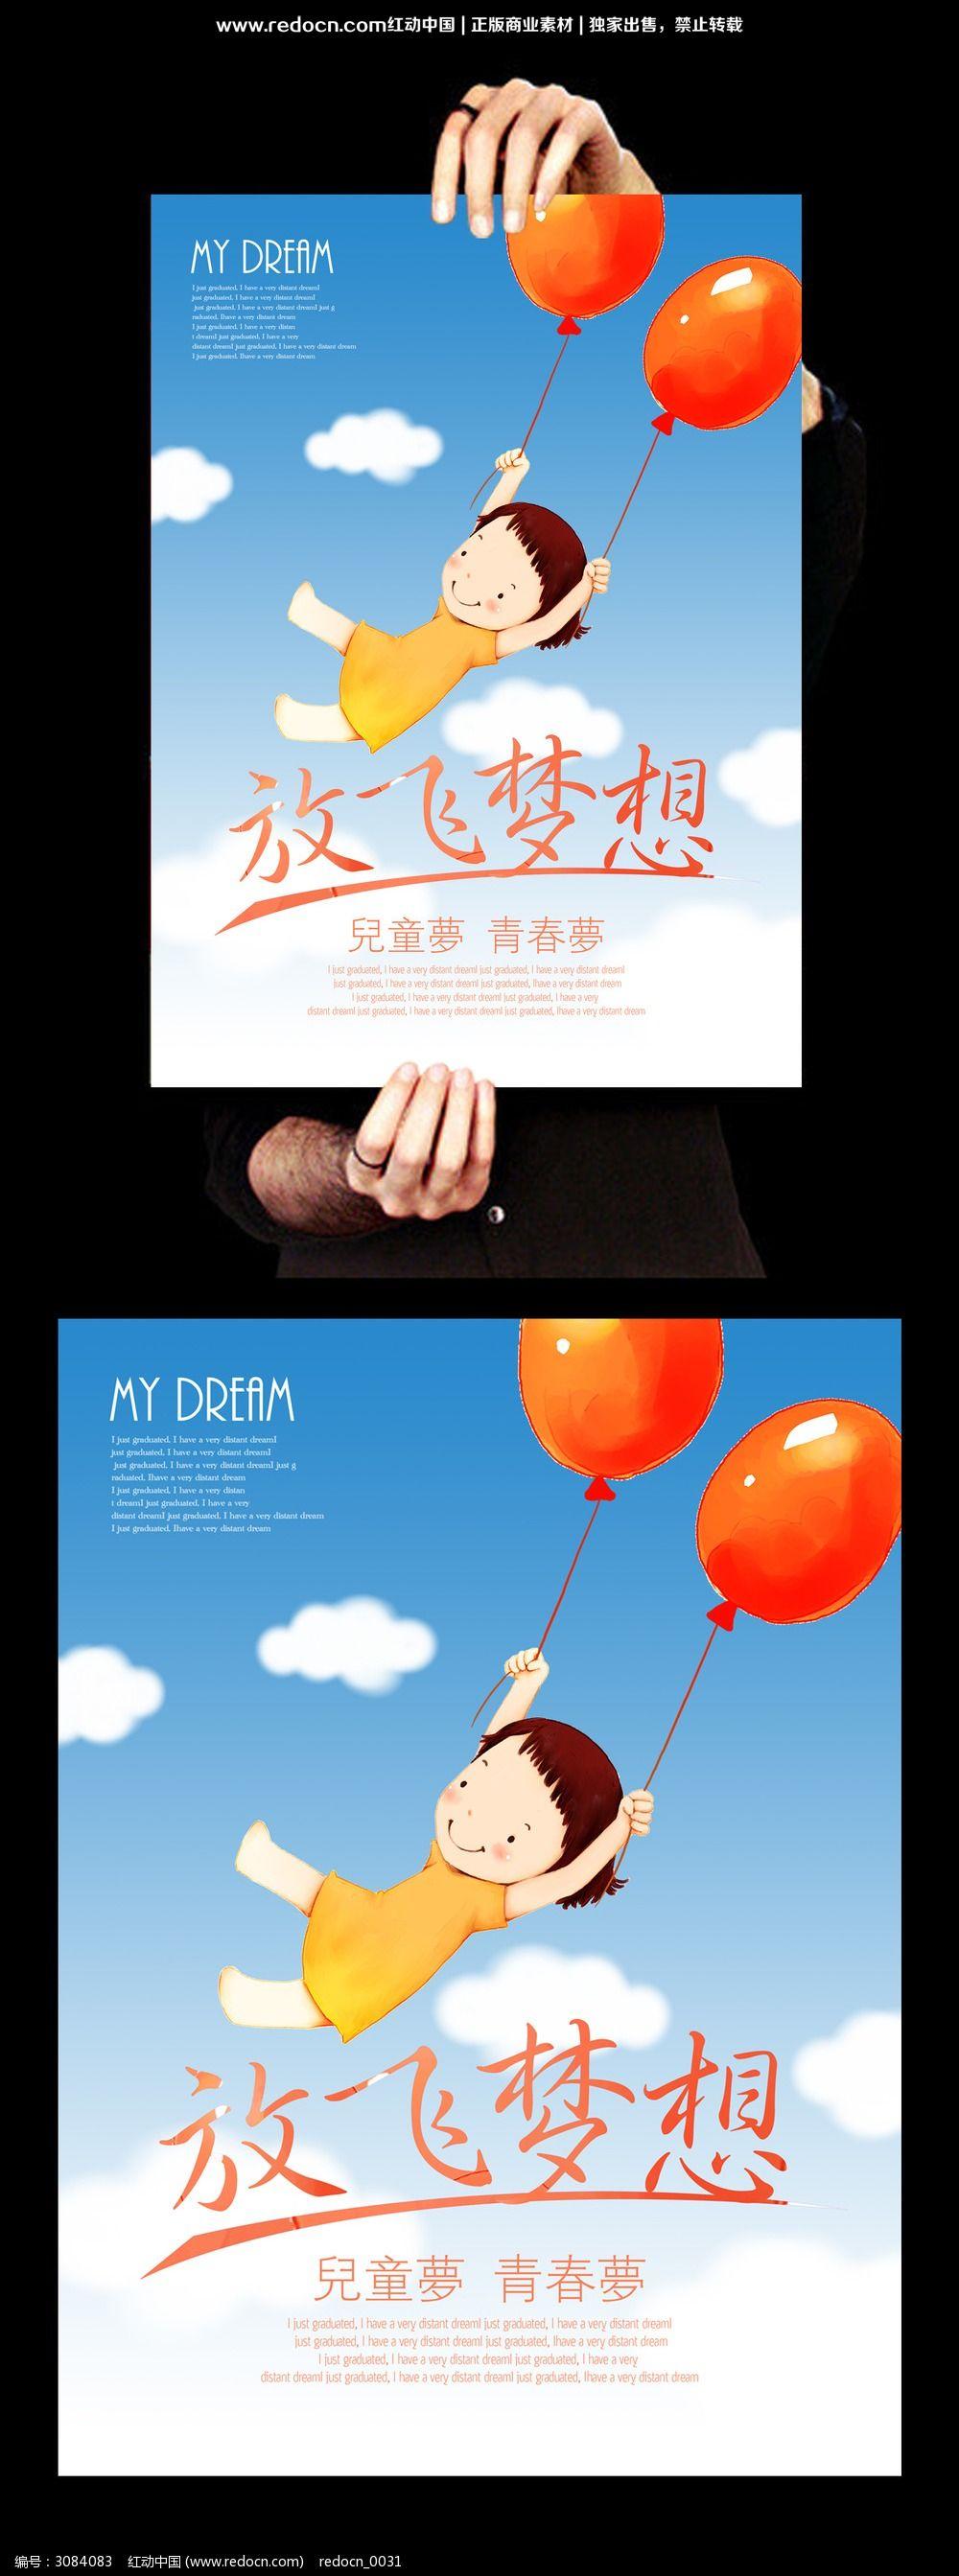 放飞梦想创意宣传海报设计psd下载